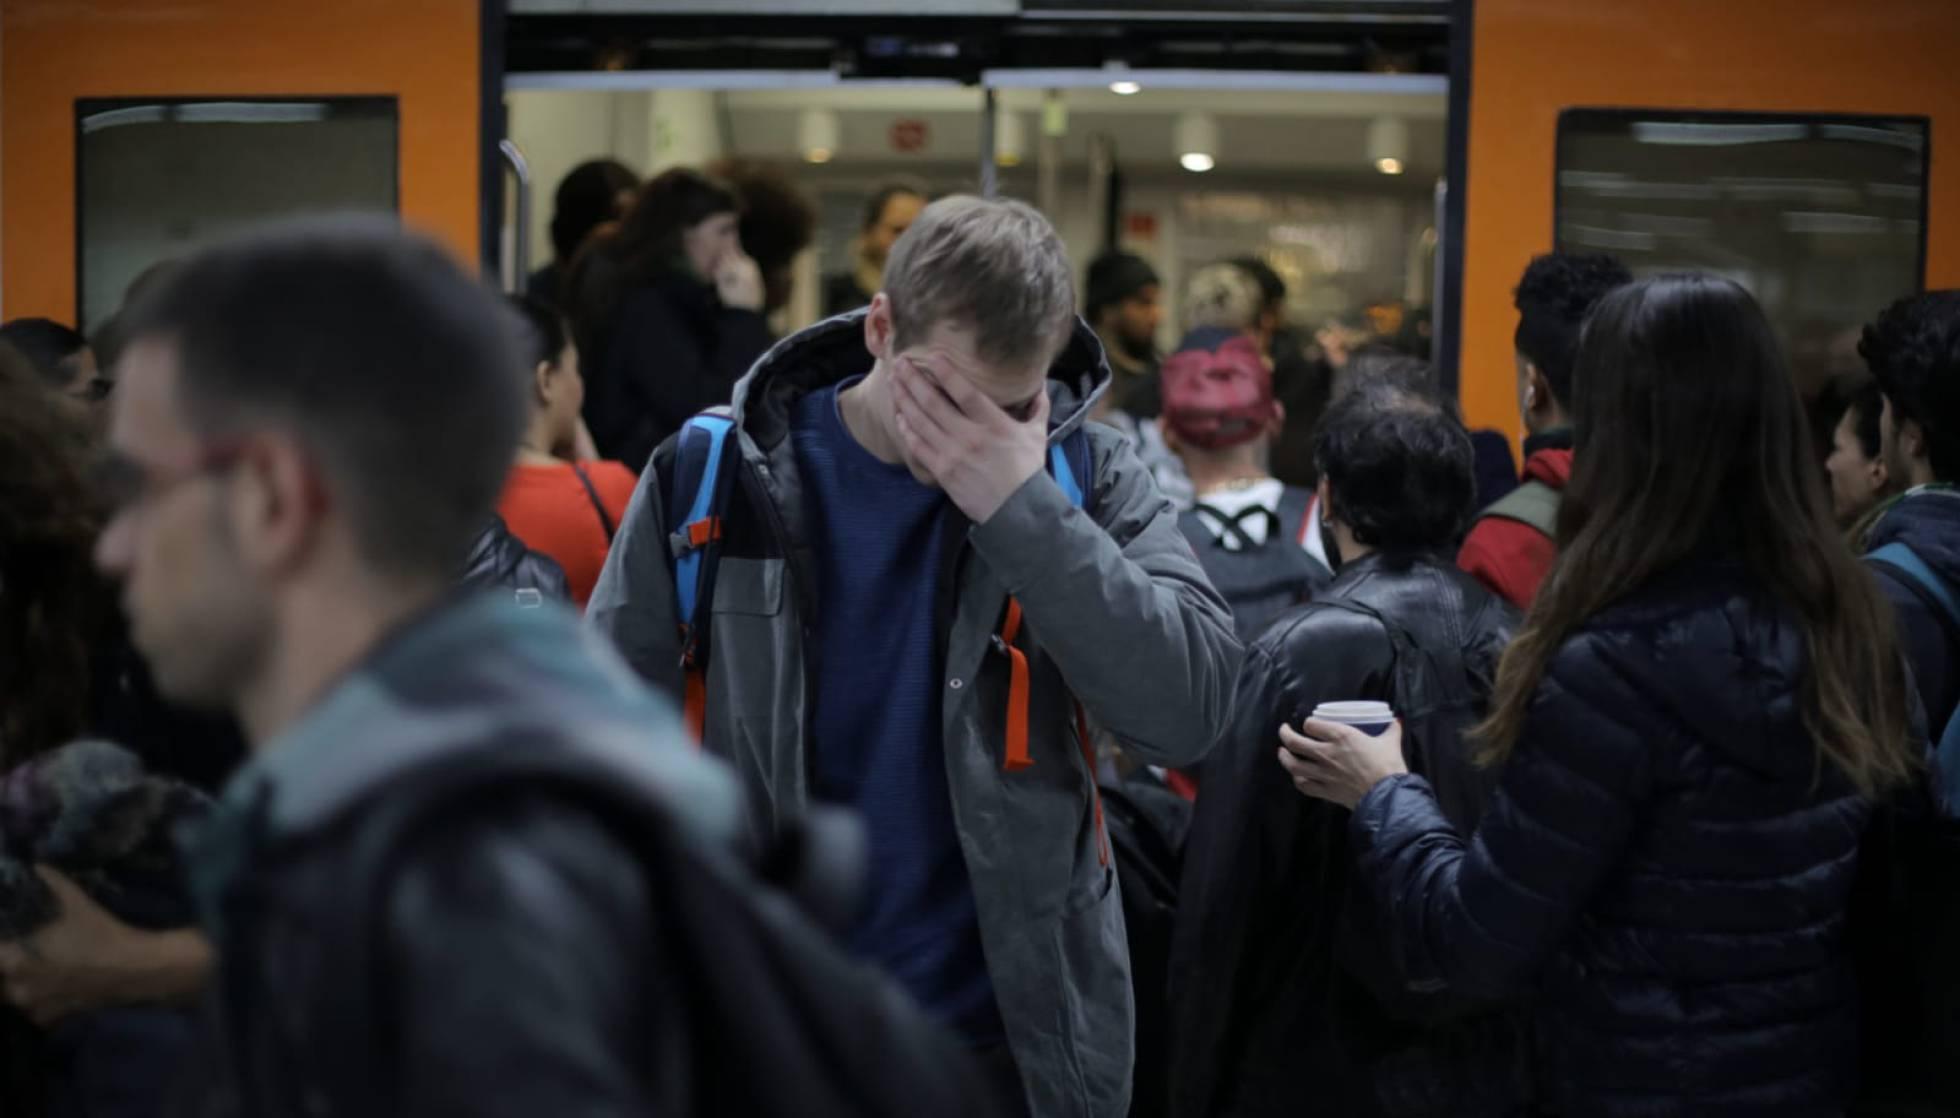 Забастовка на железной дороге Испании: около 300 поездов отменены